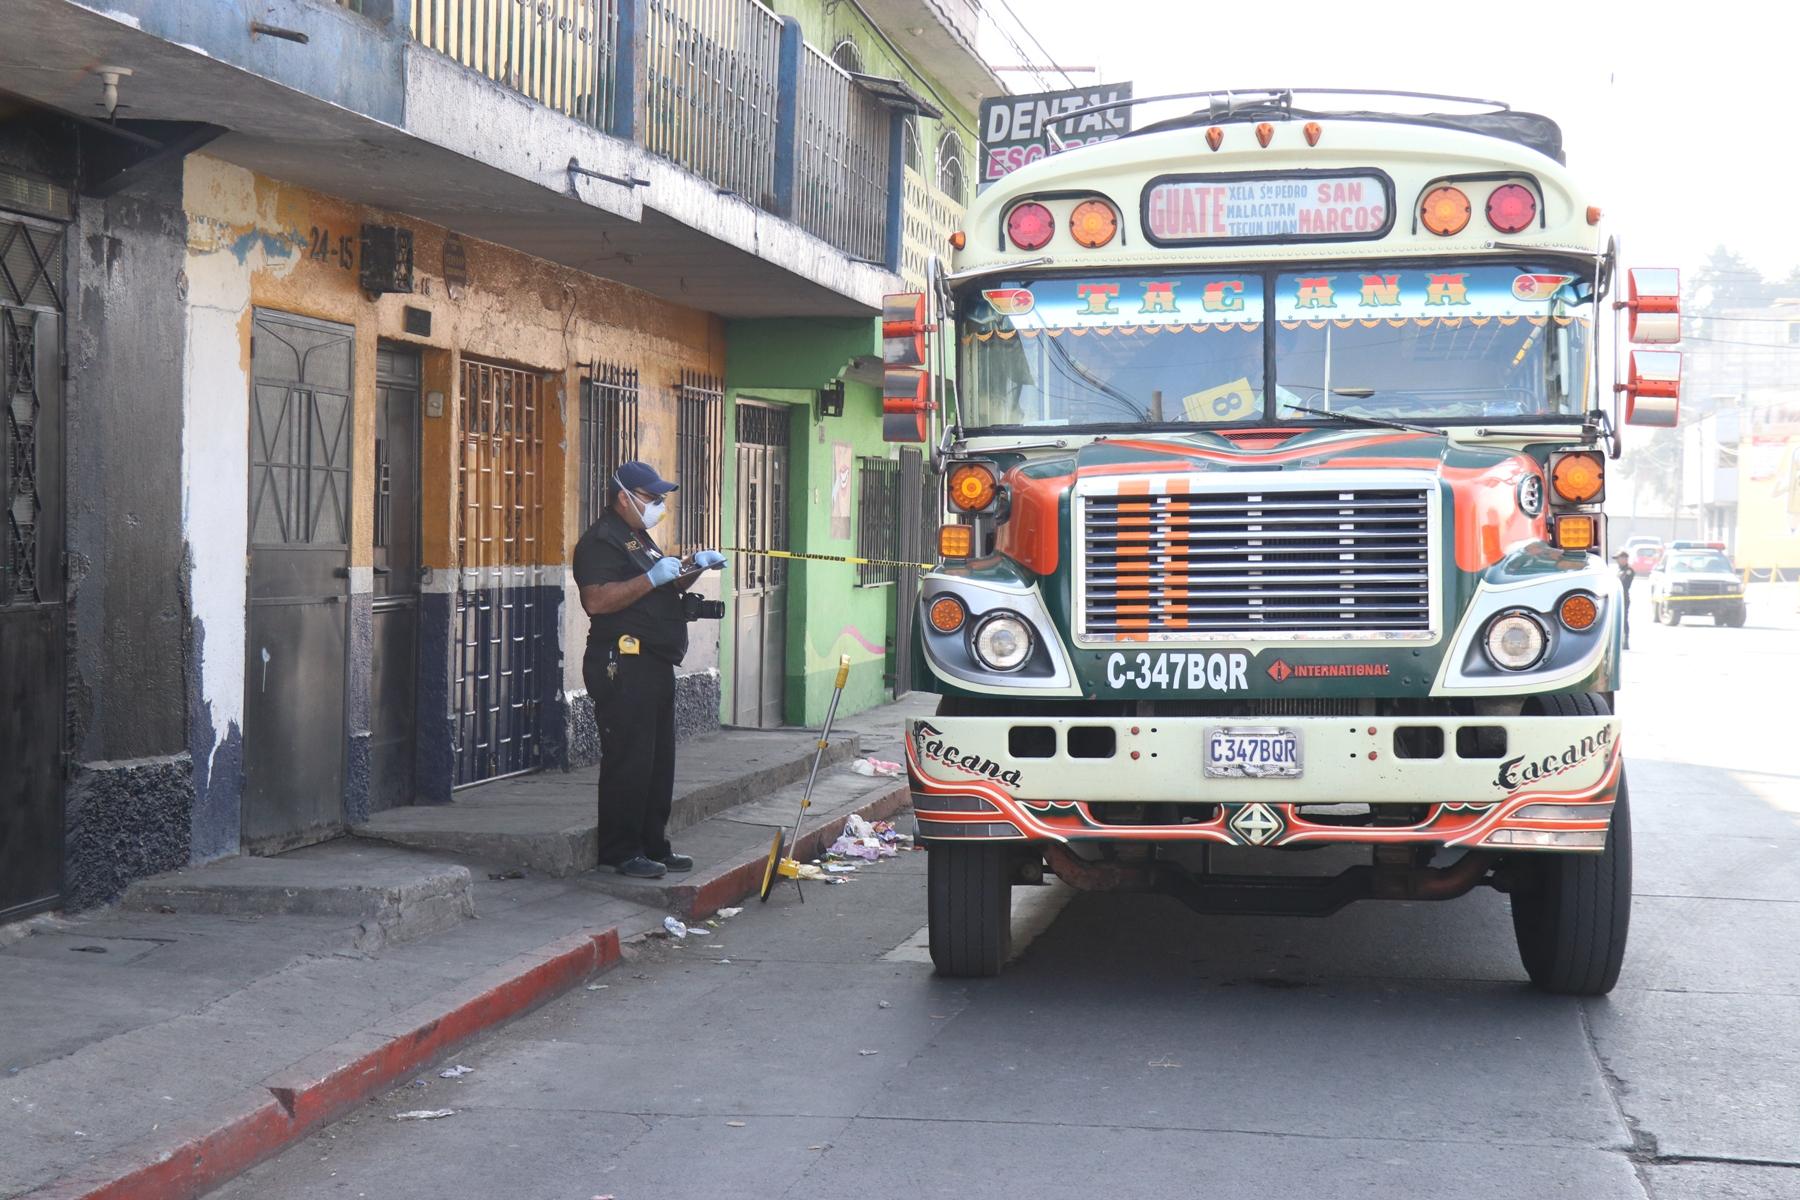 Investigadores del Ministerio Público recolectan evidencias en el lugar del crimen. (Foto Prensa Libre: María Longo)